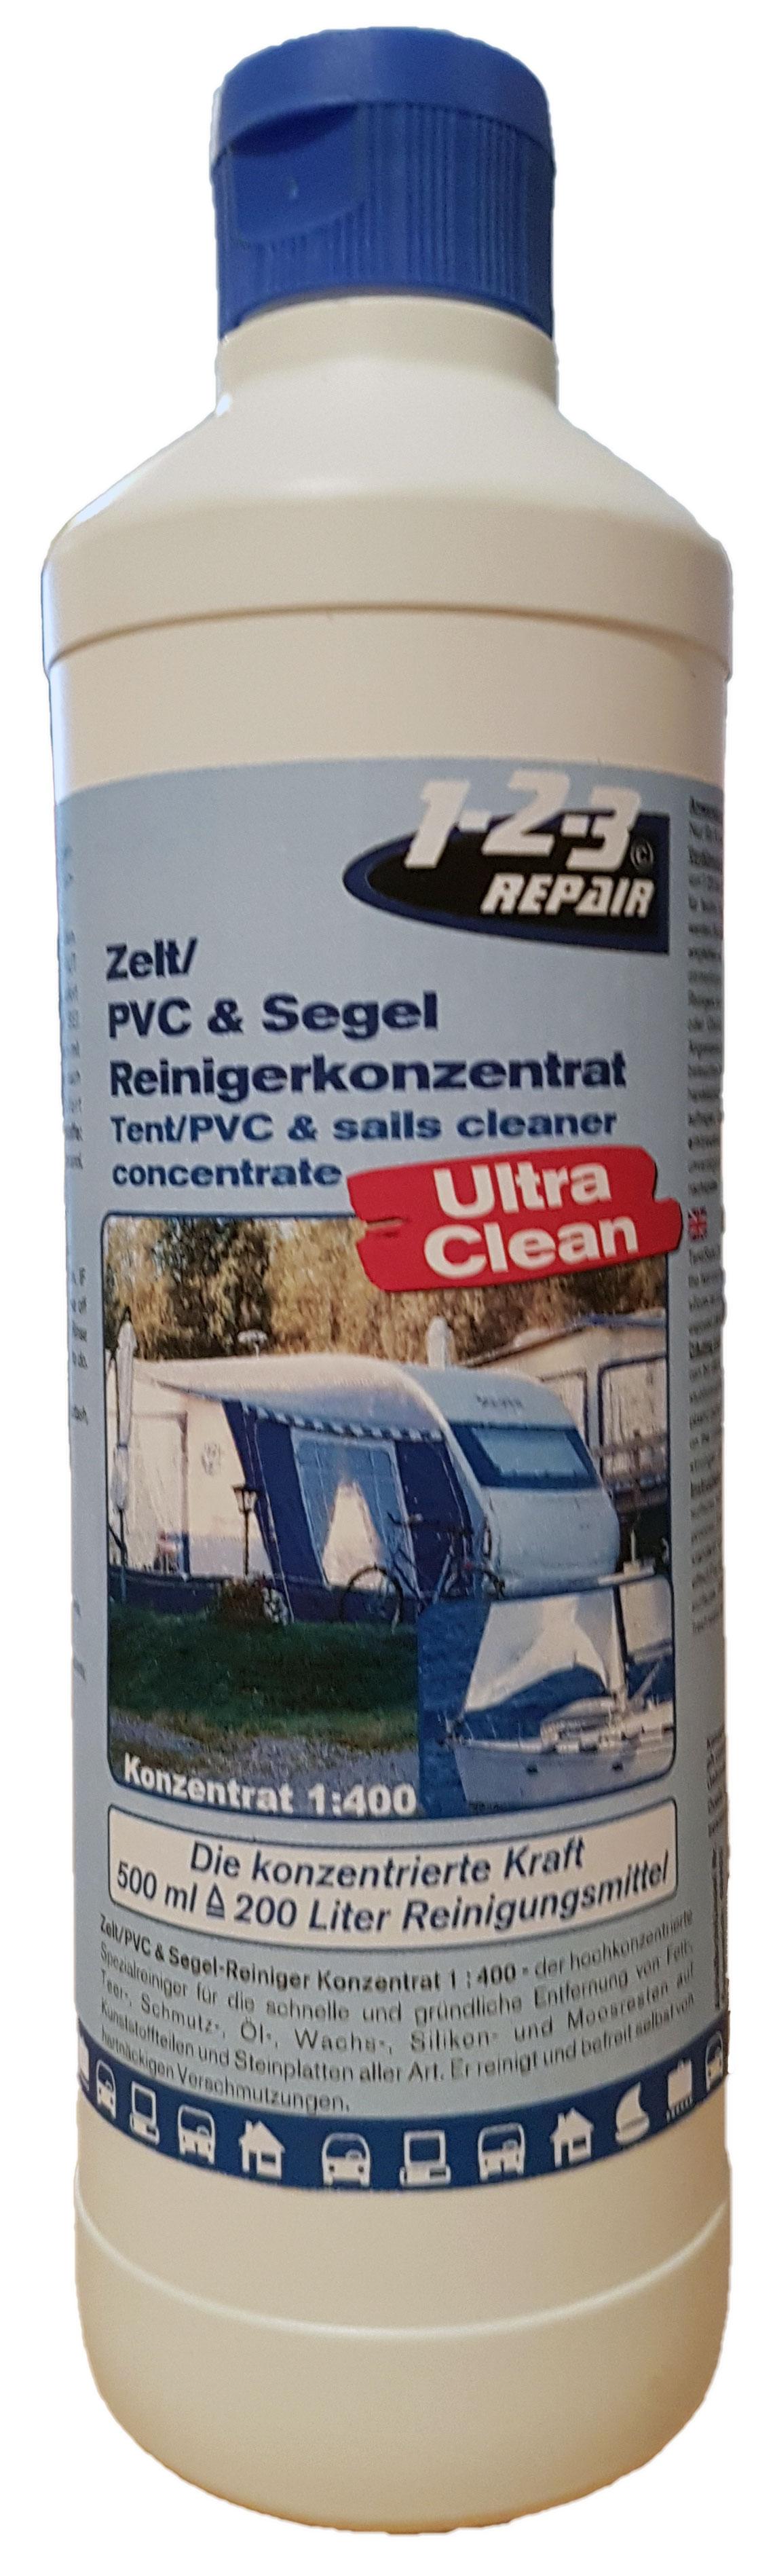 Zeltreiniger, PVC-Kunststoffreiniger und Segelreiniger von 123Repair